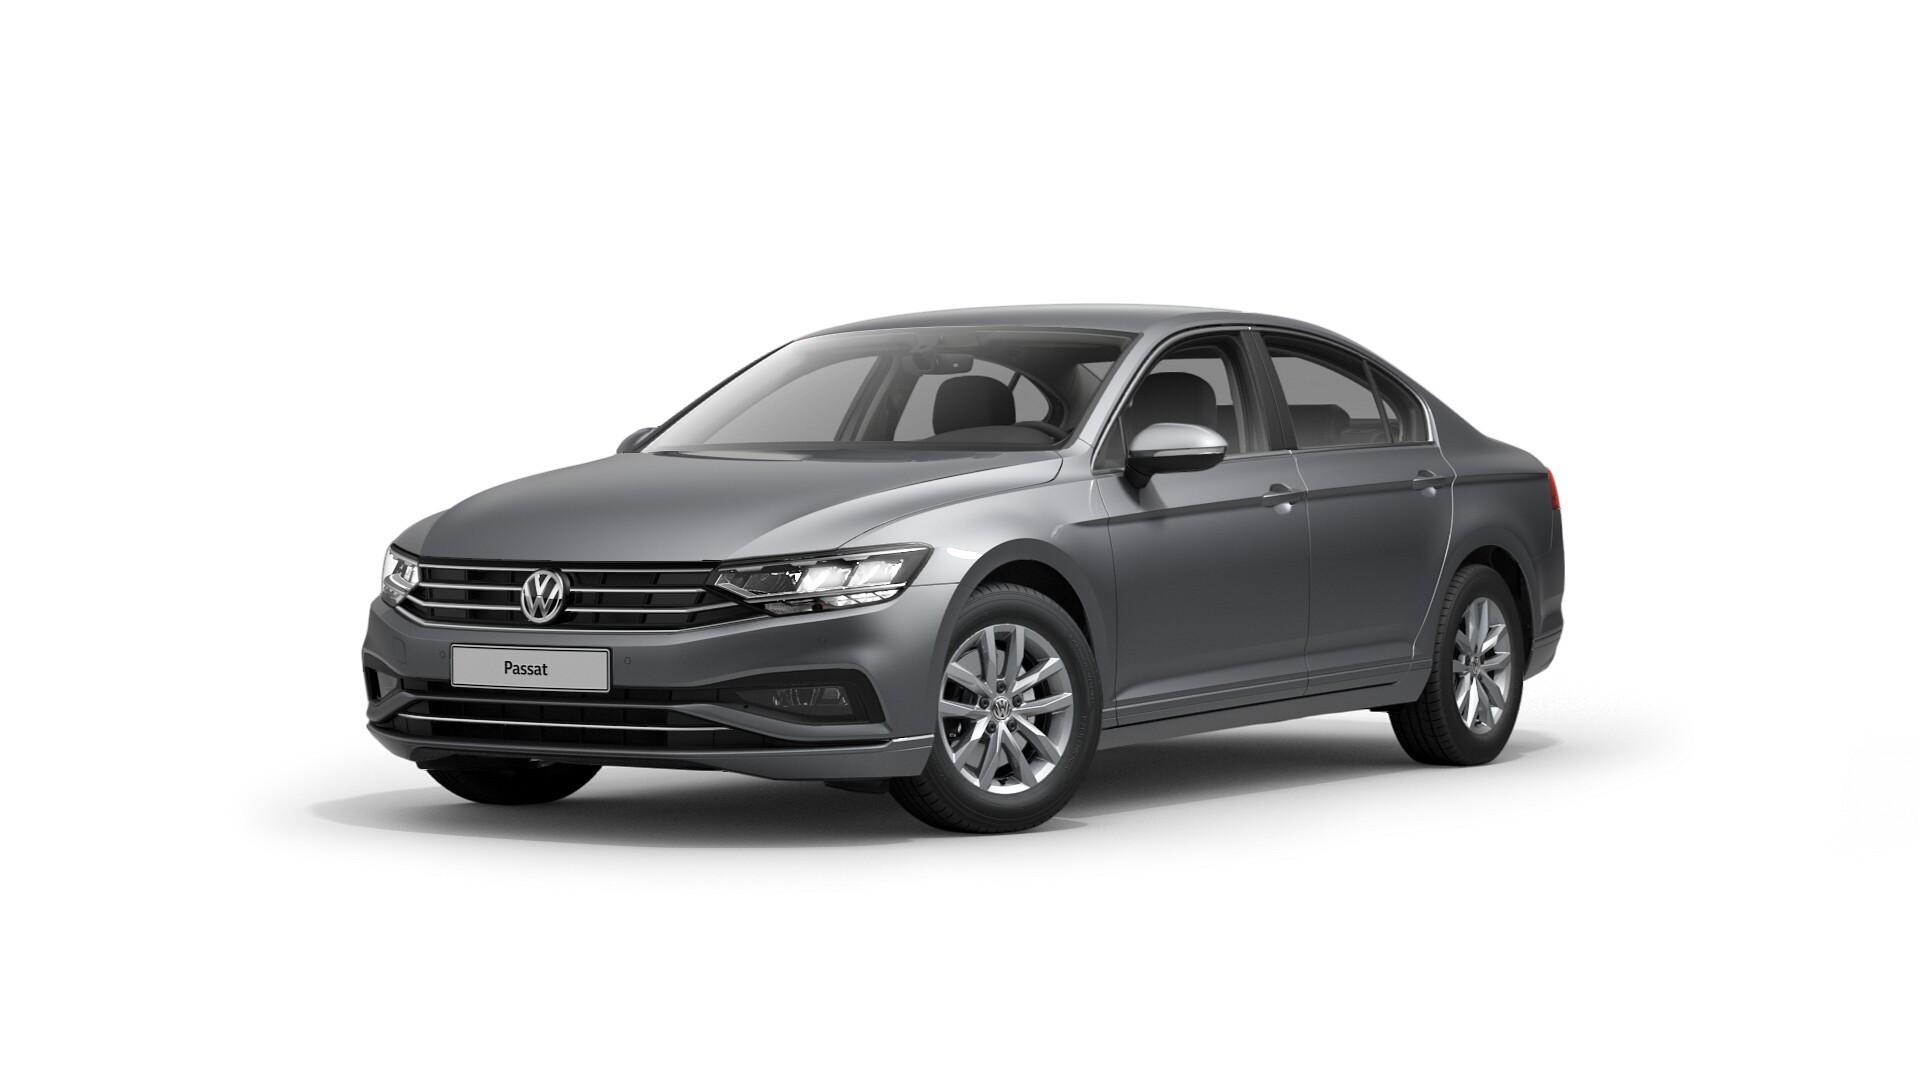 Volkswagen Passat new Седан (Business)